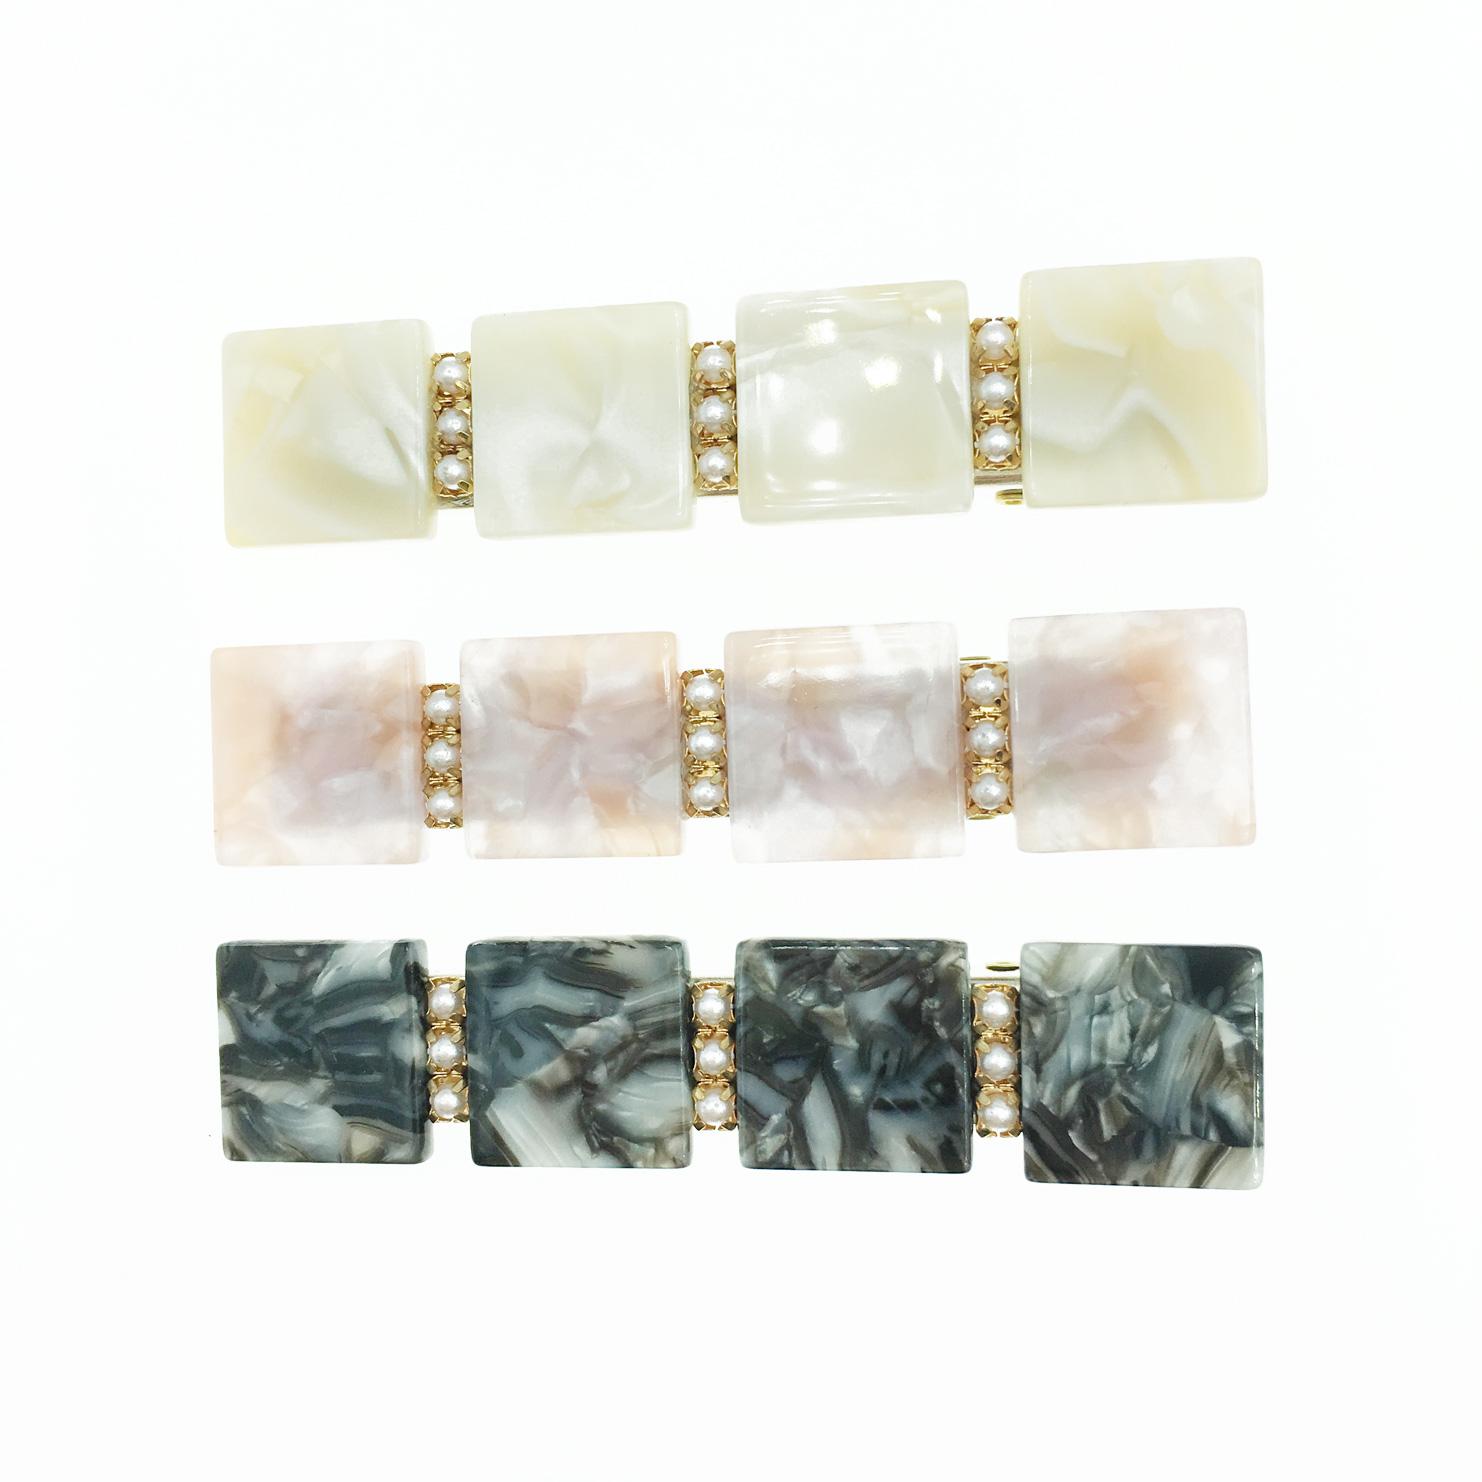 韓國 珍珠 大理石紋 3色 髮飾 壓夾 髮夾